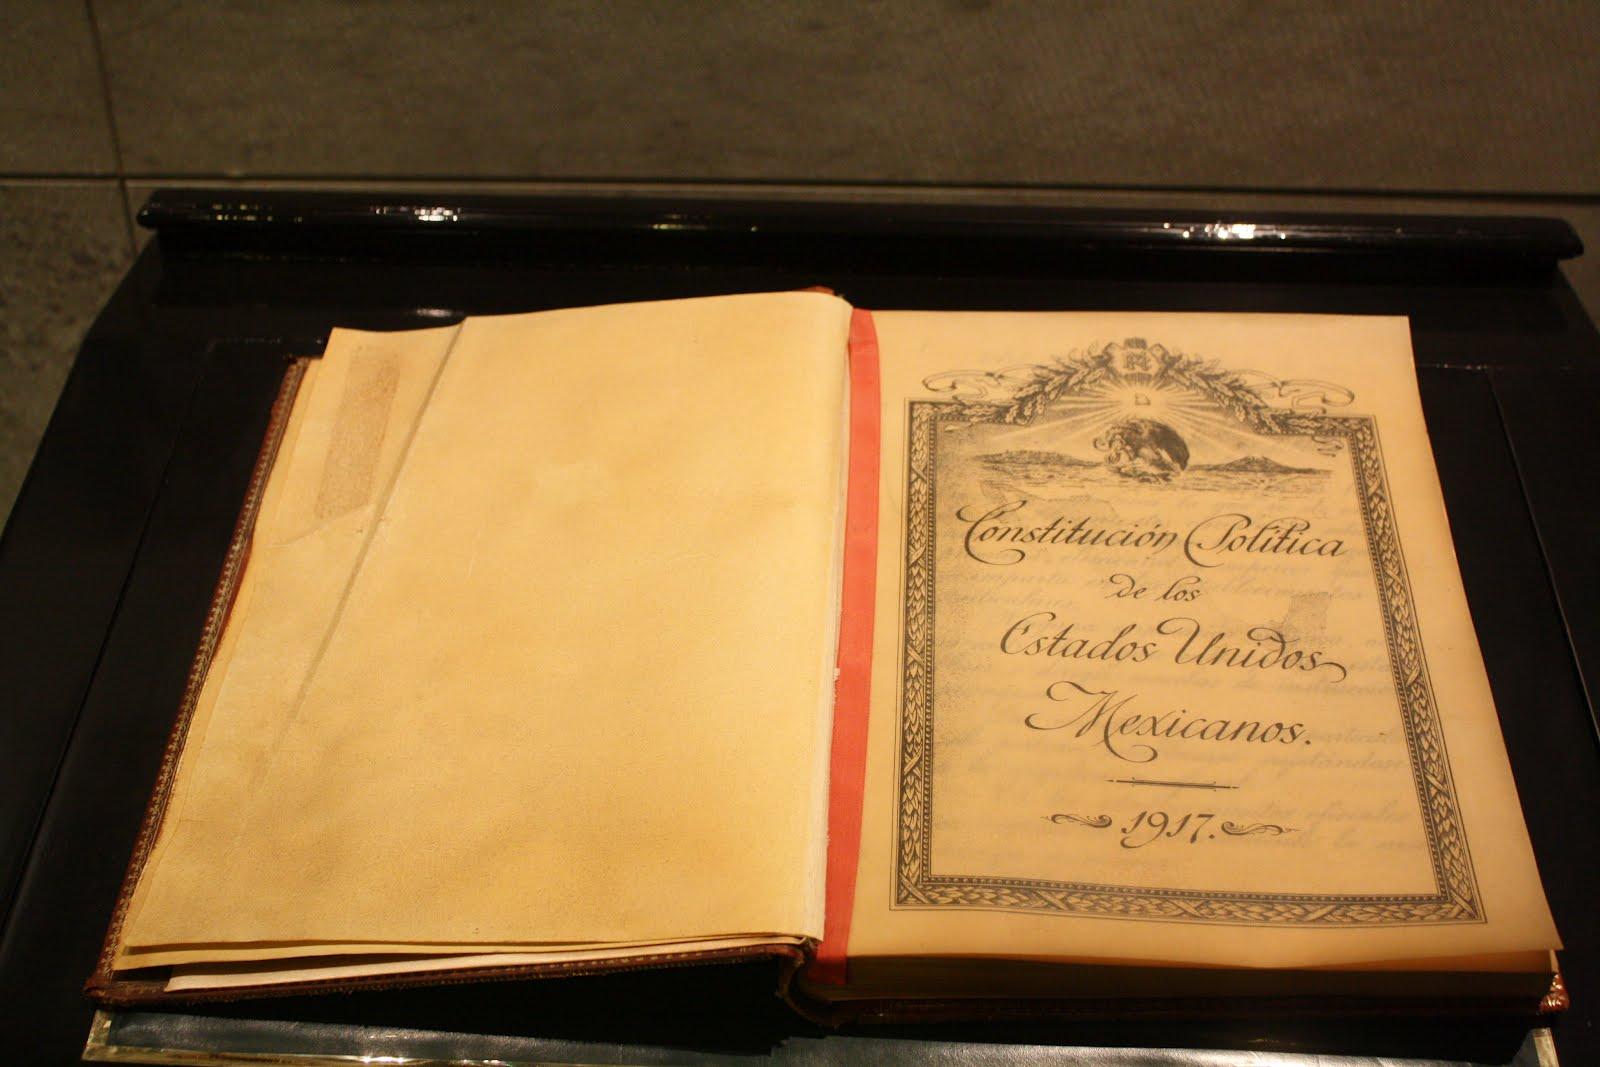 Se conmemora el 98 aniversario de la Constitución Política de